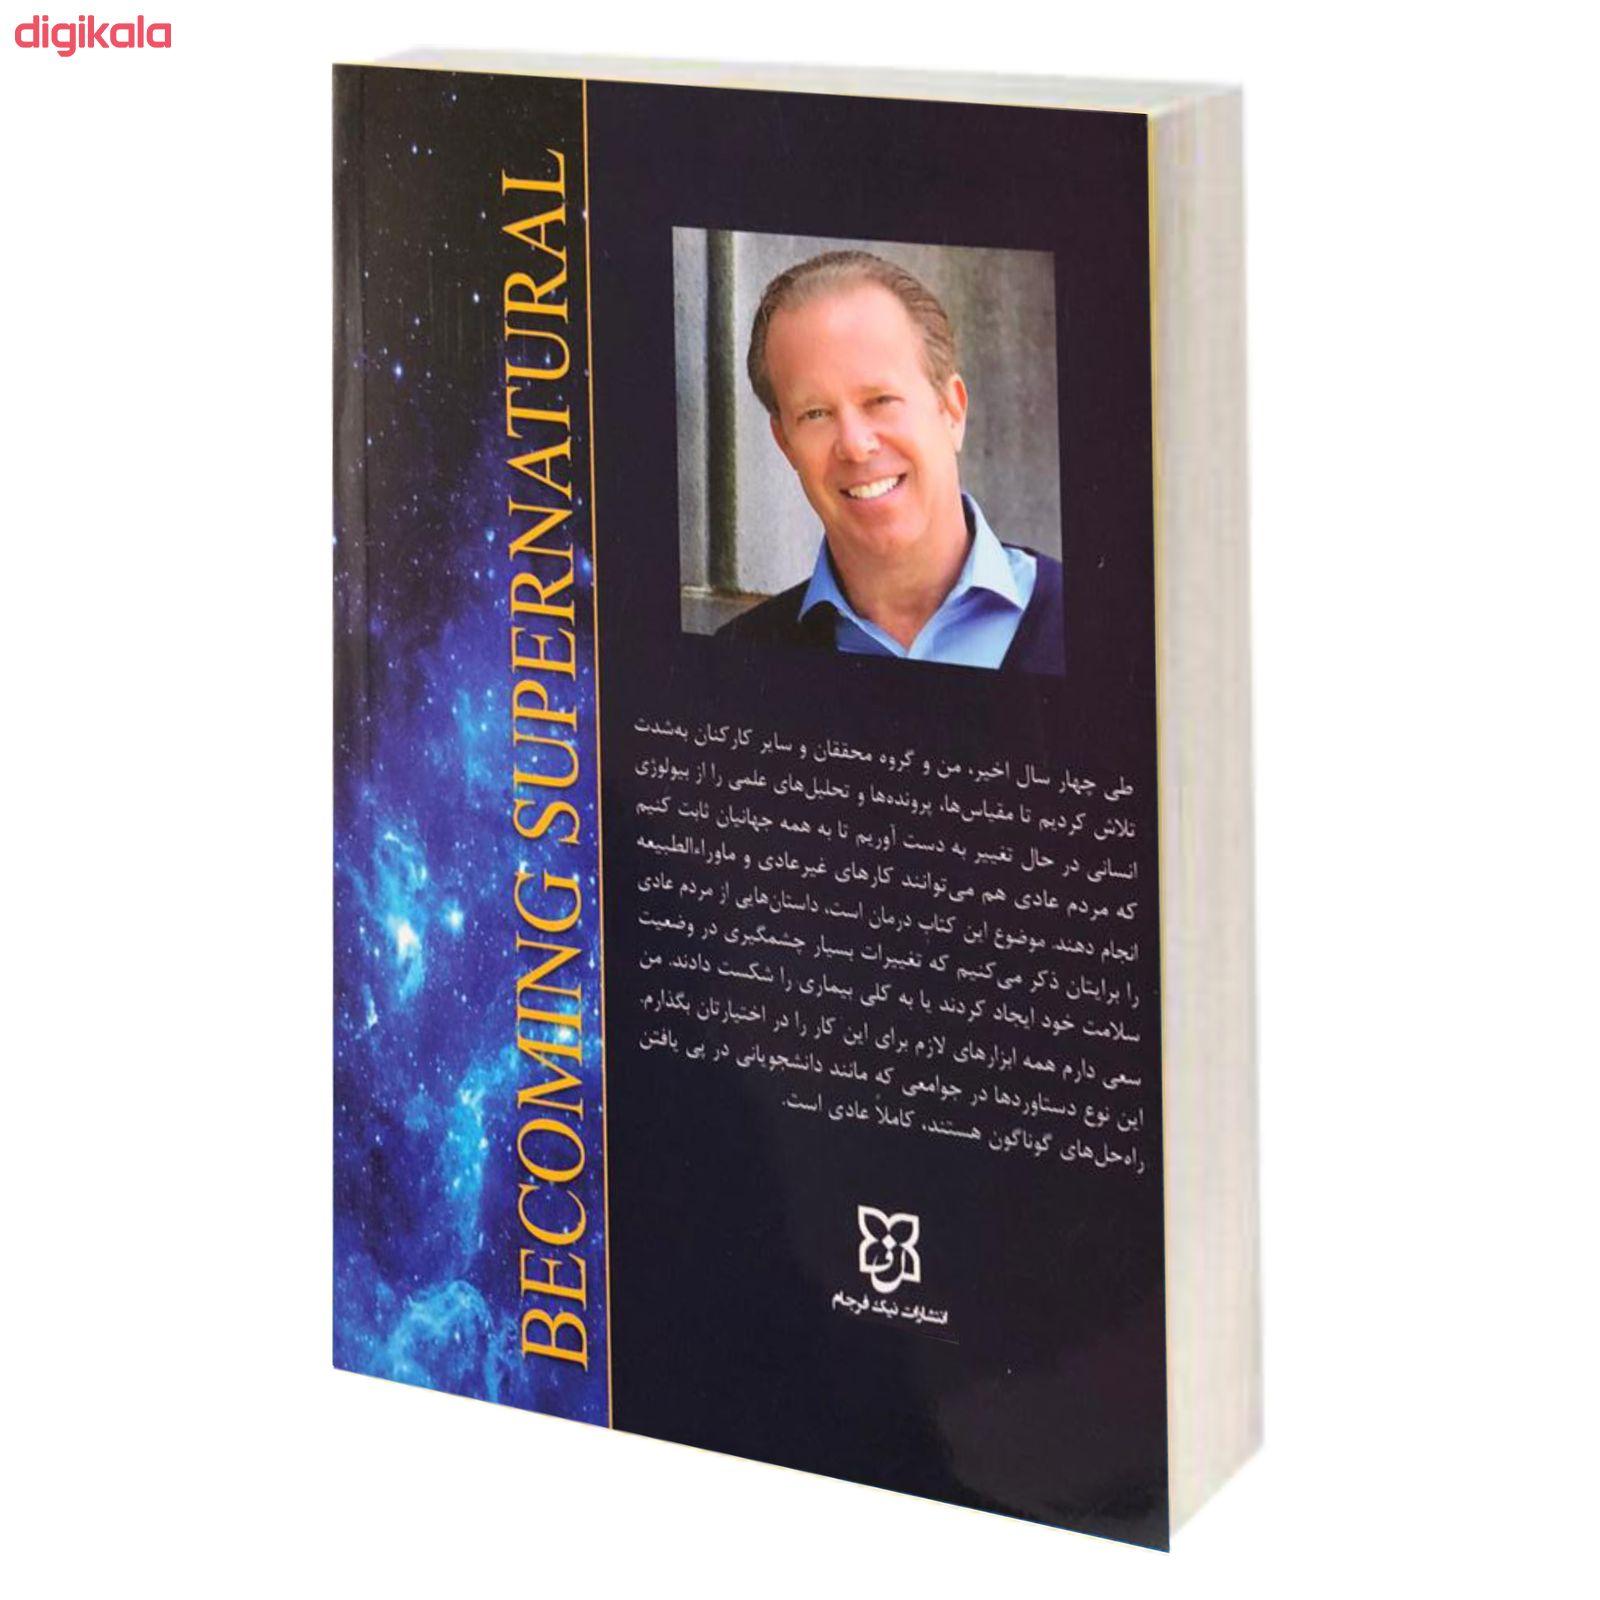 کتاب ماورای طبیعی شدن اثر جو دیسپنزا نشر نیک فرجام main 1 1